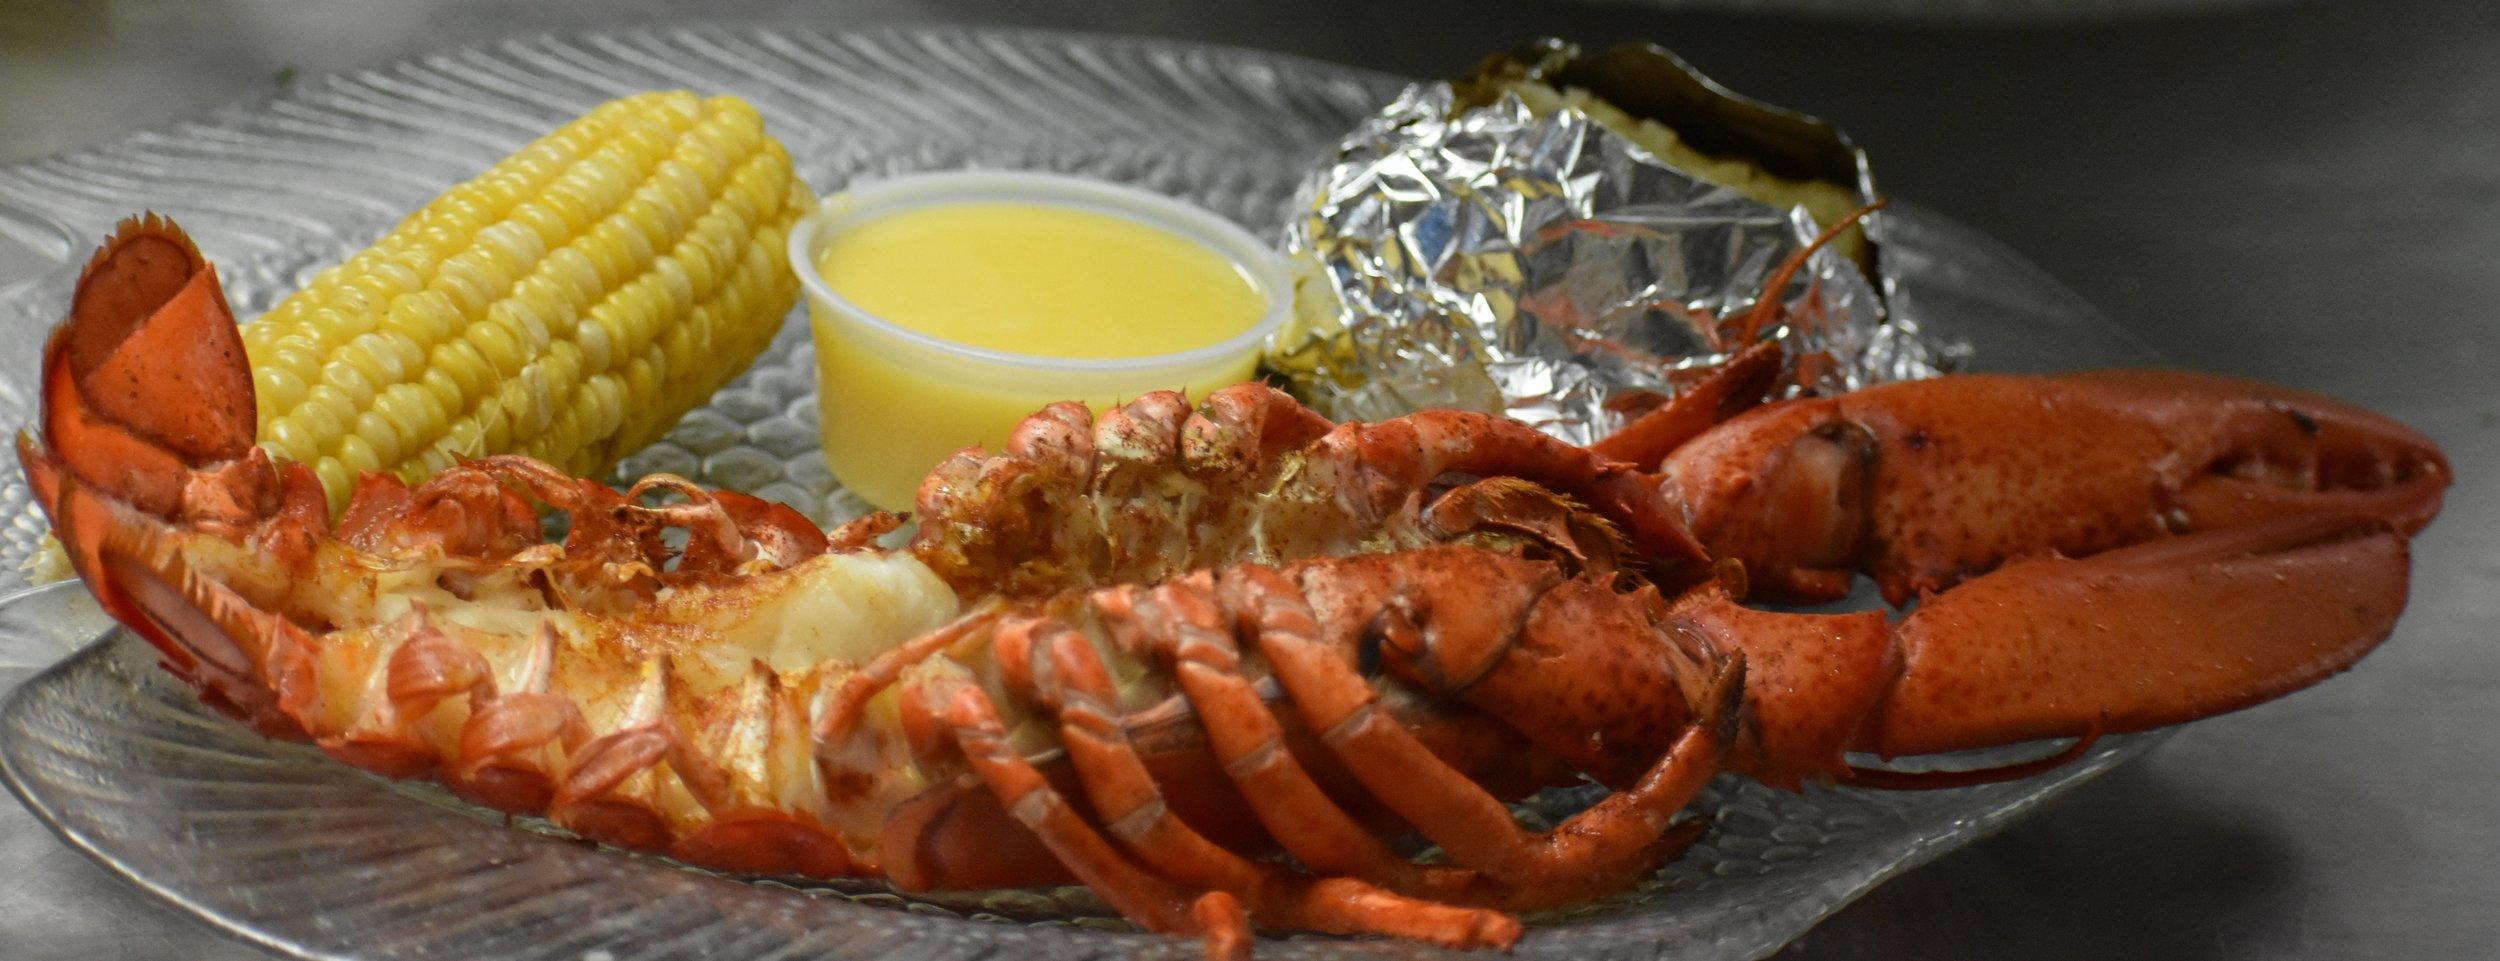 00-02 Lobster.jpg